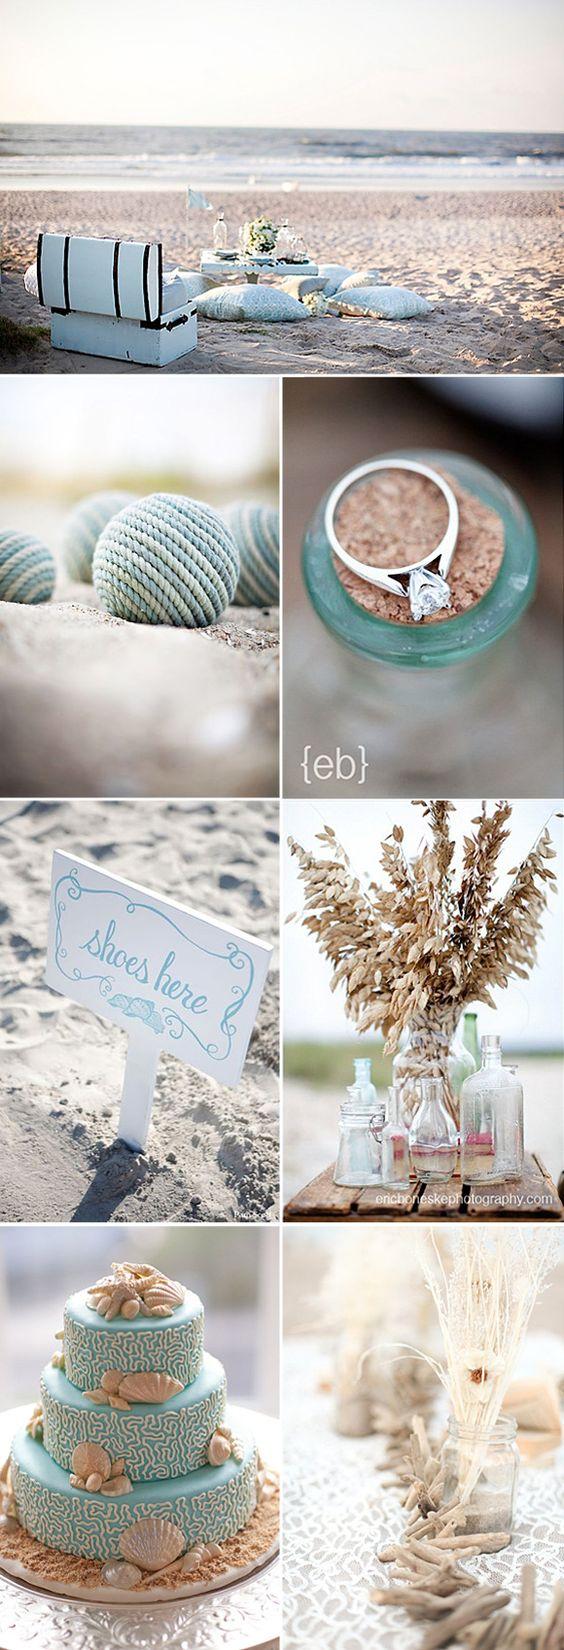 Bodas en la playa: Ideas para decorar